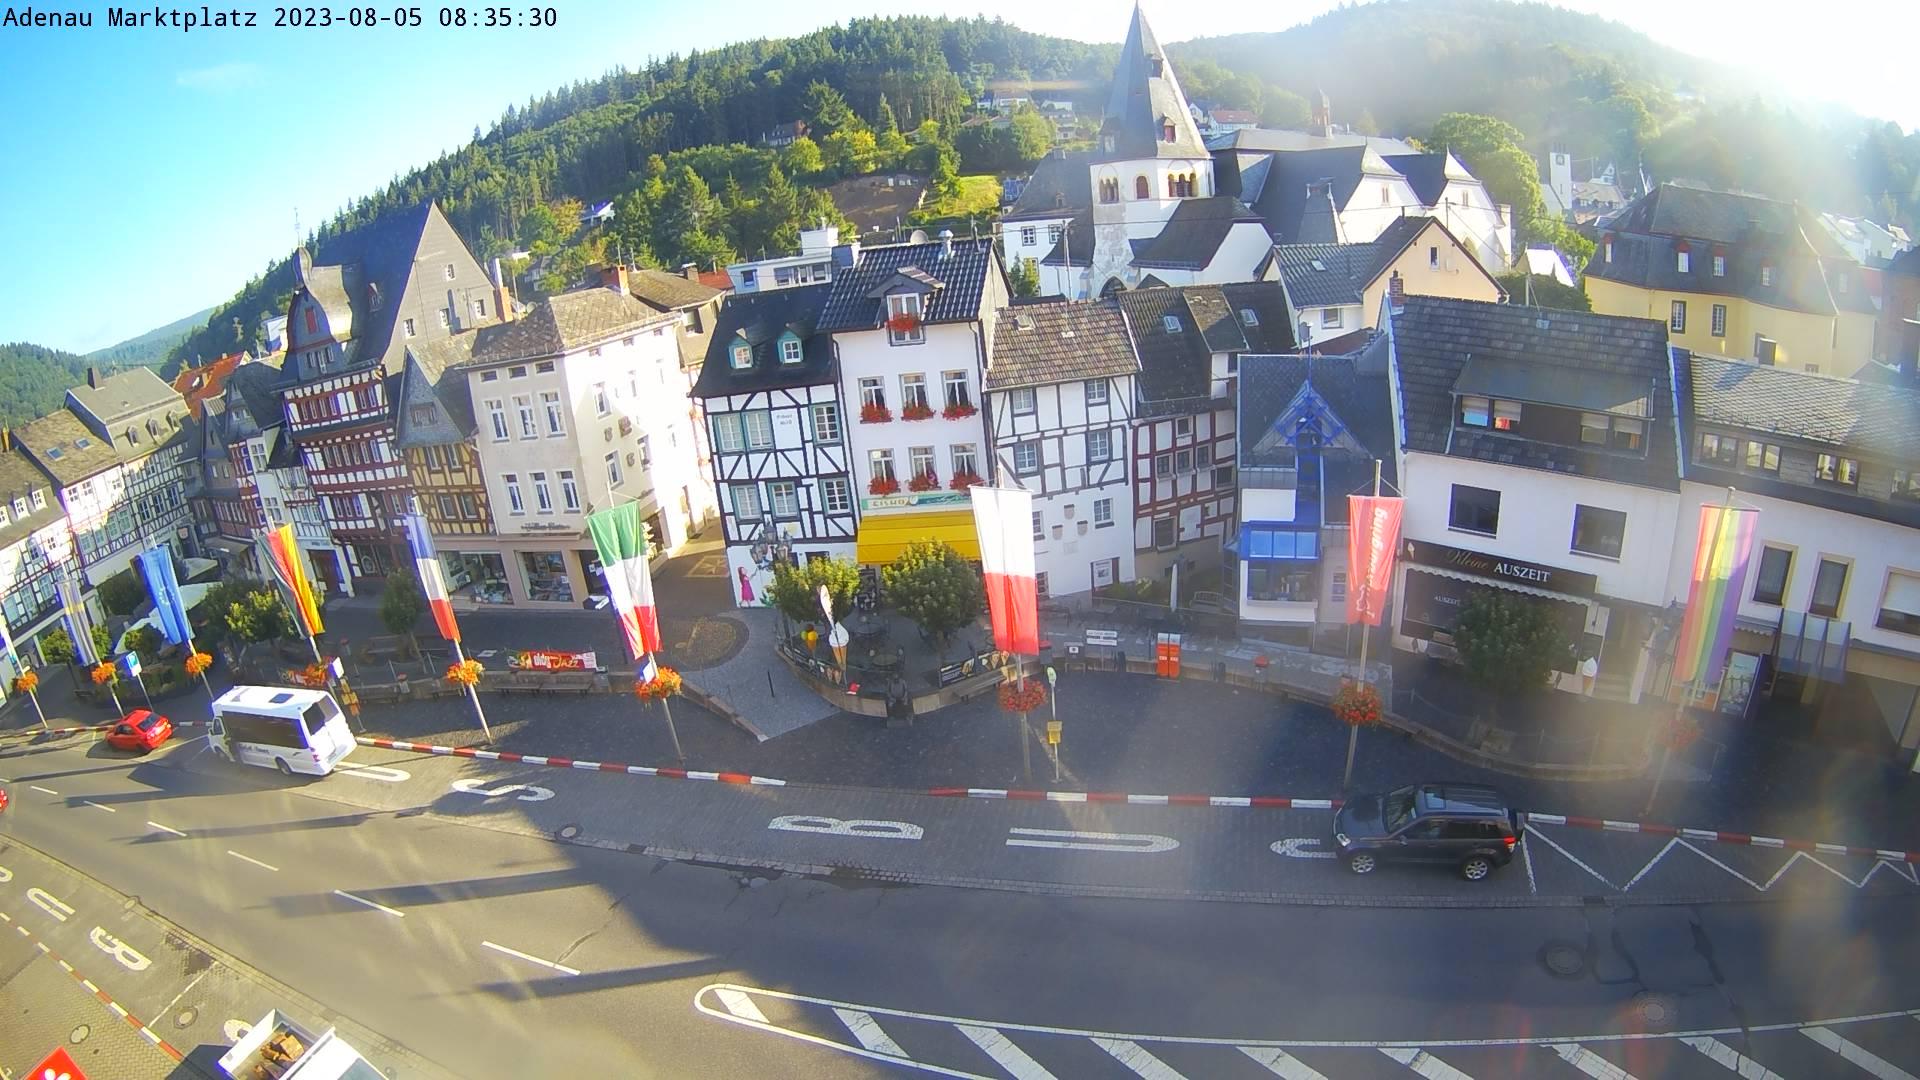 Adenau Sun. 08:30